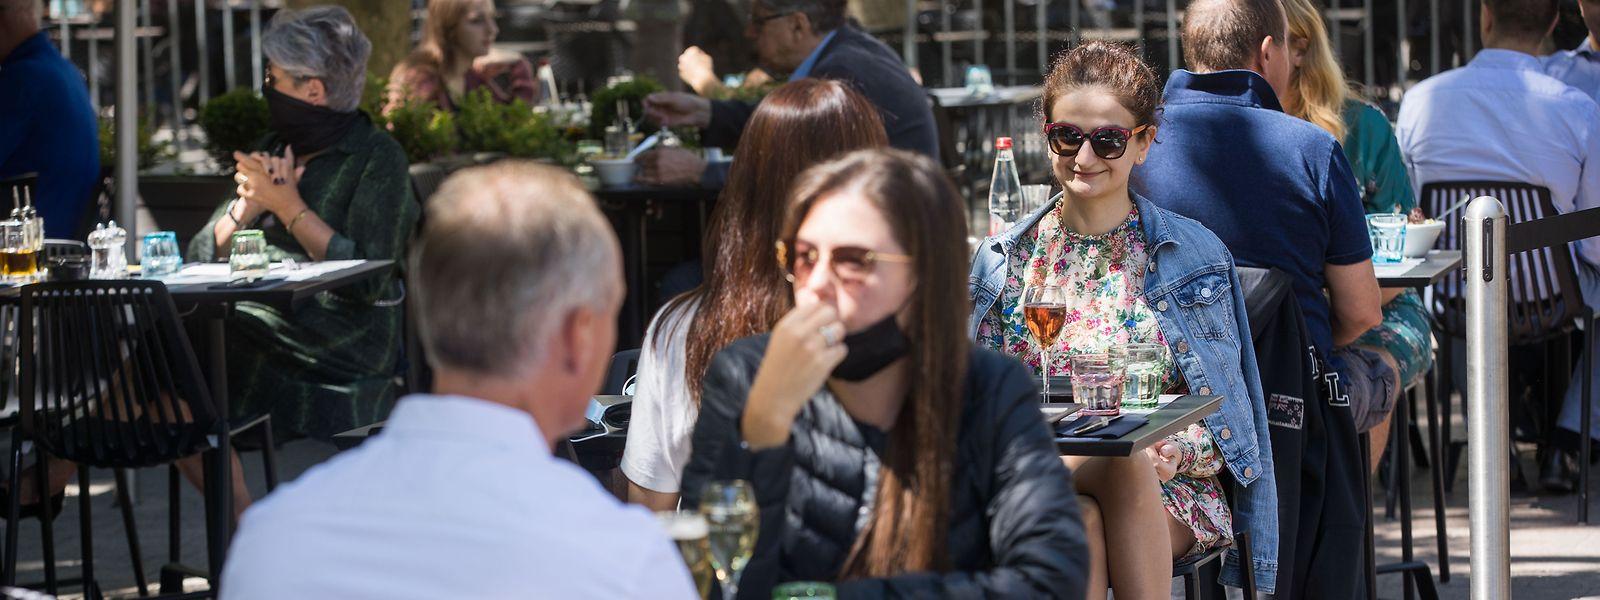 Pour tenter de juguler la hausse du nombre de nouvelles infections, une nouvelle loi covid prévoit de sanctionner les clients de bar qui seraient debout un verre à la main.